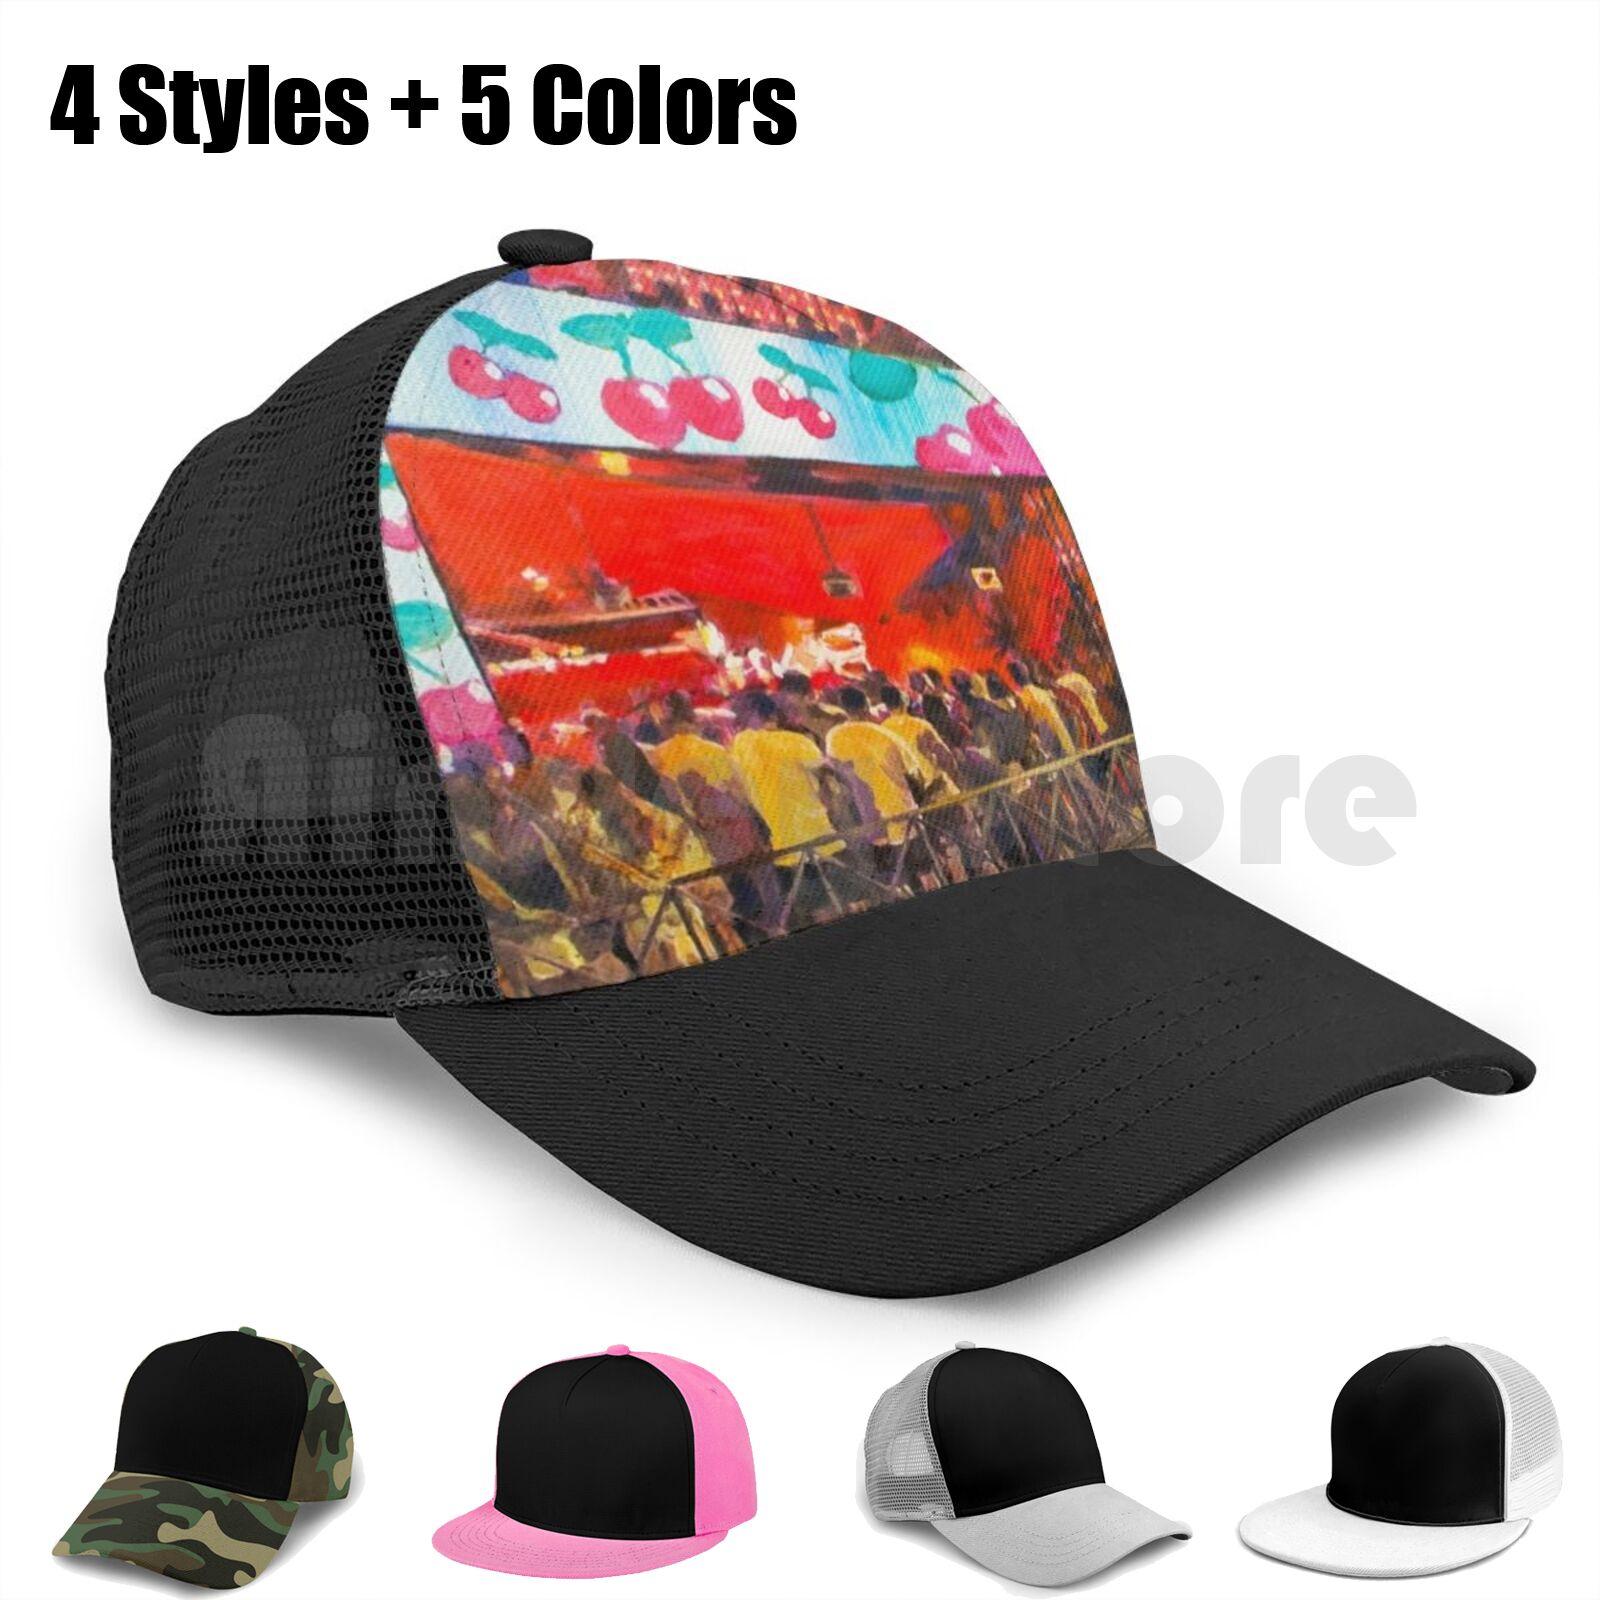 Gorra de béisbol ajustable para Club nocturno, gorro Snapback de Hip Hop, música, estilo de moda, vacaciones, Sexy